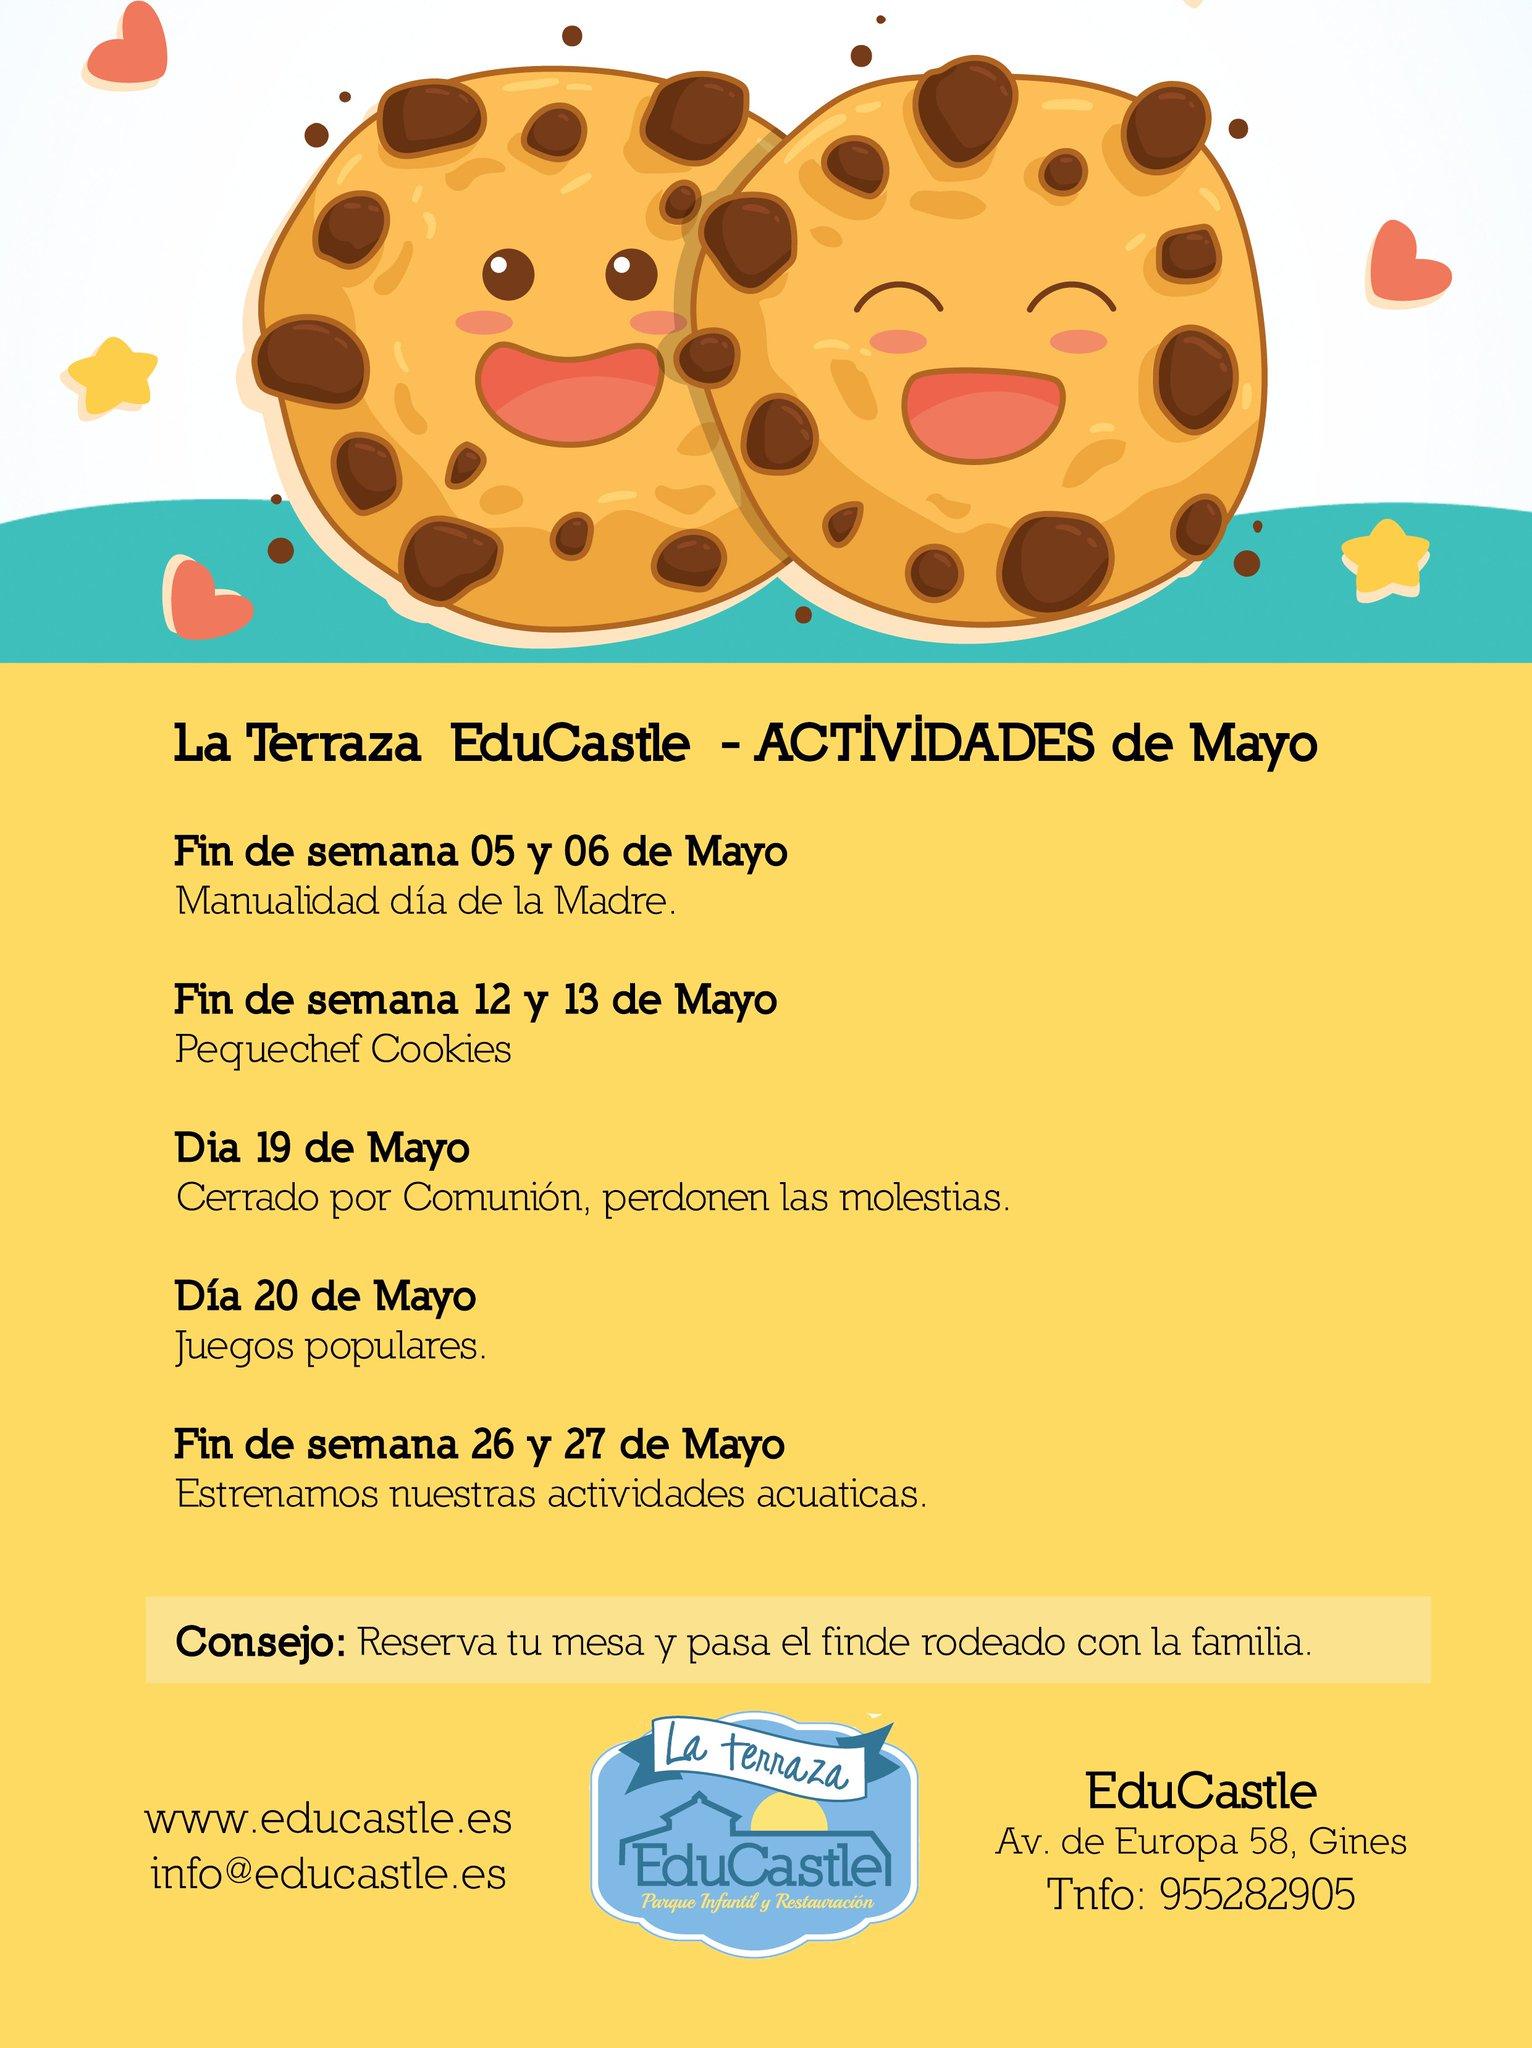 La Terraza De Educastle On Twitter Comienza El Mes De Mayo